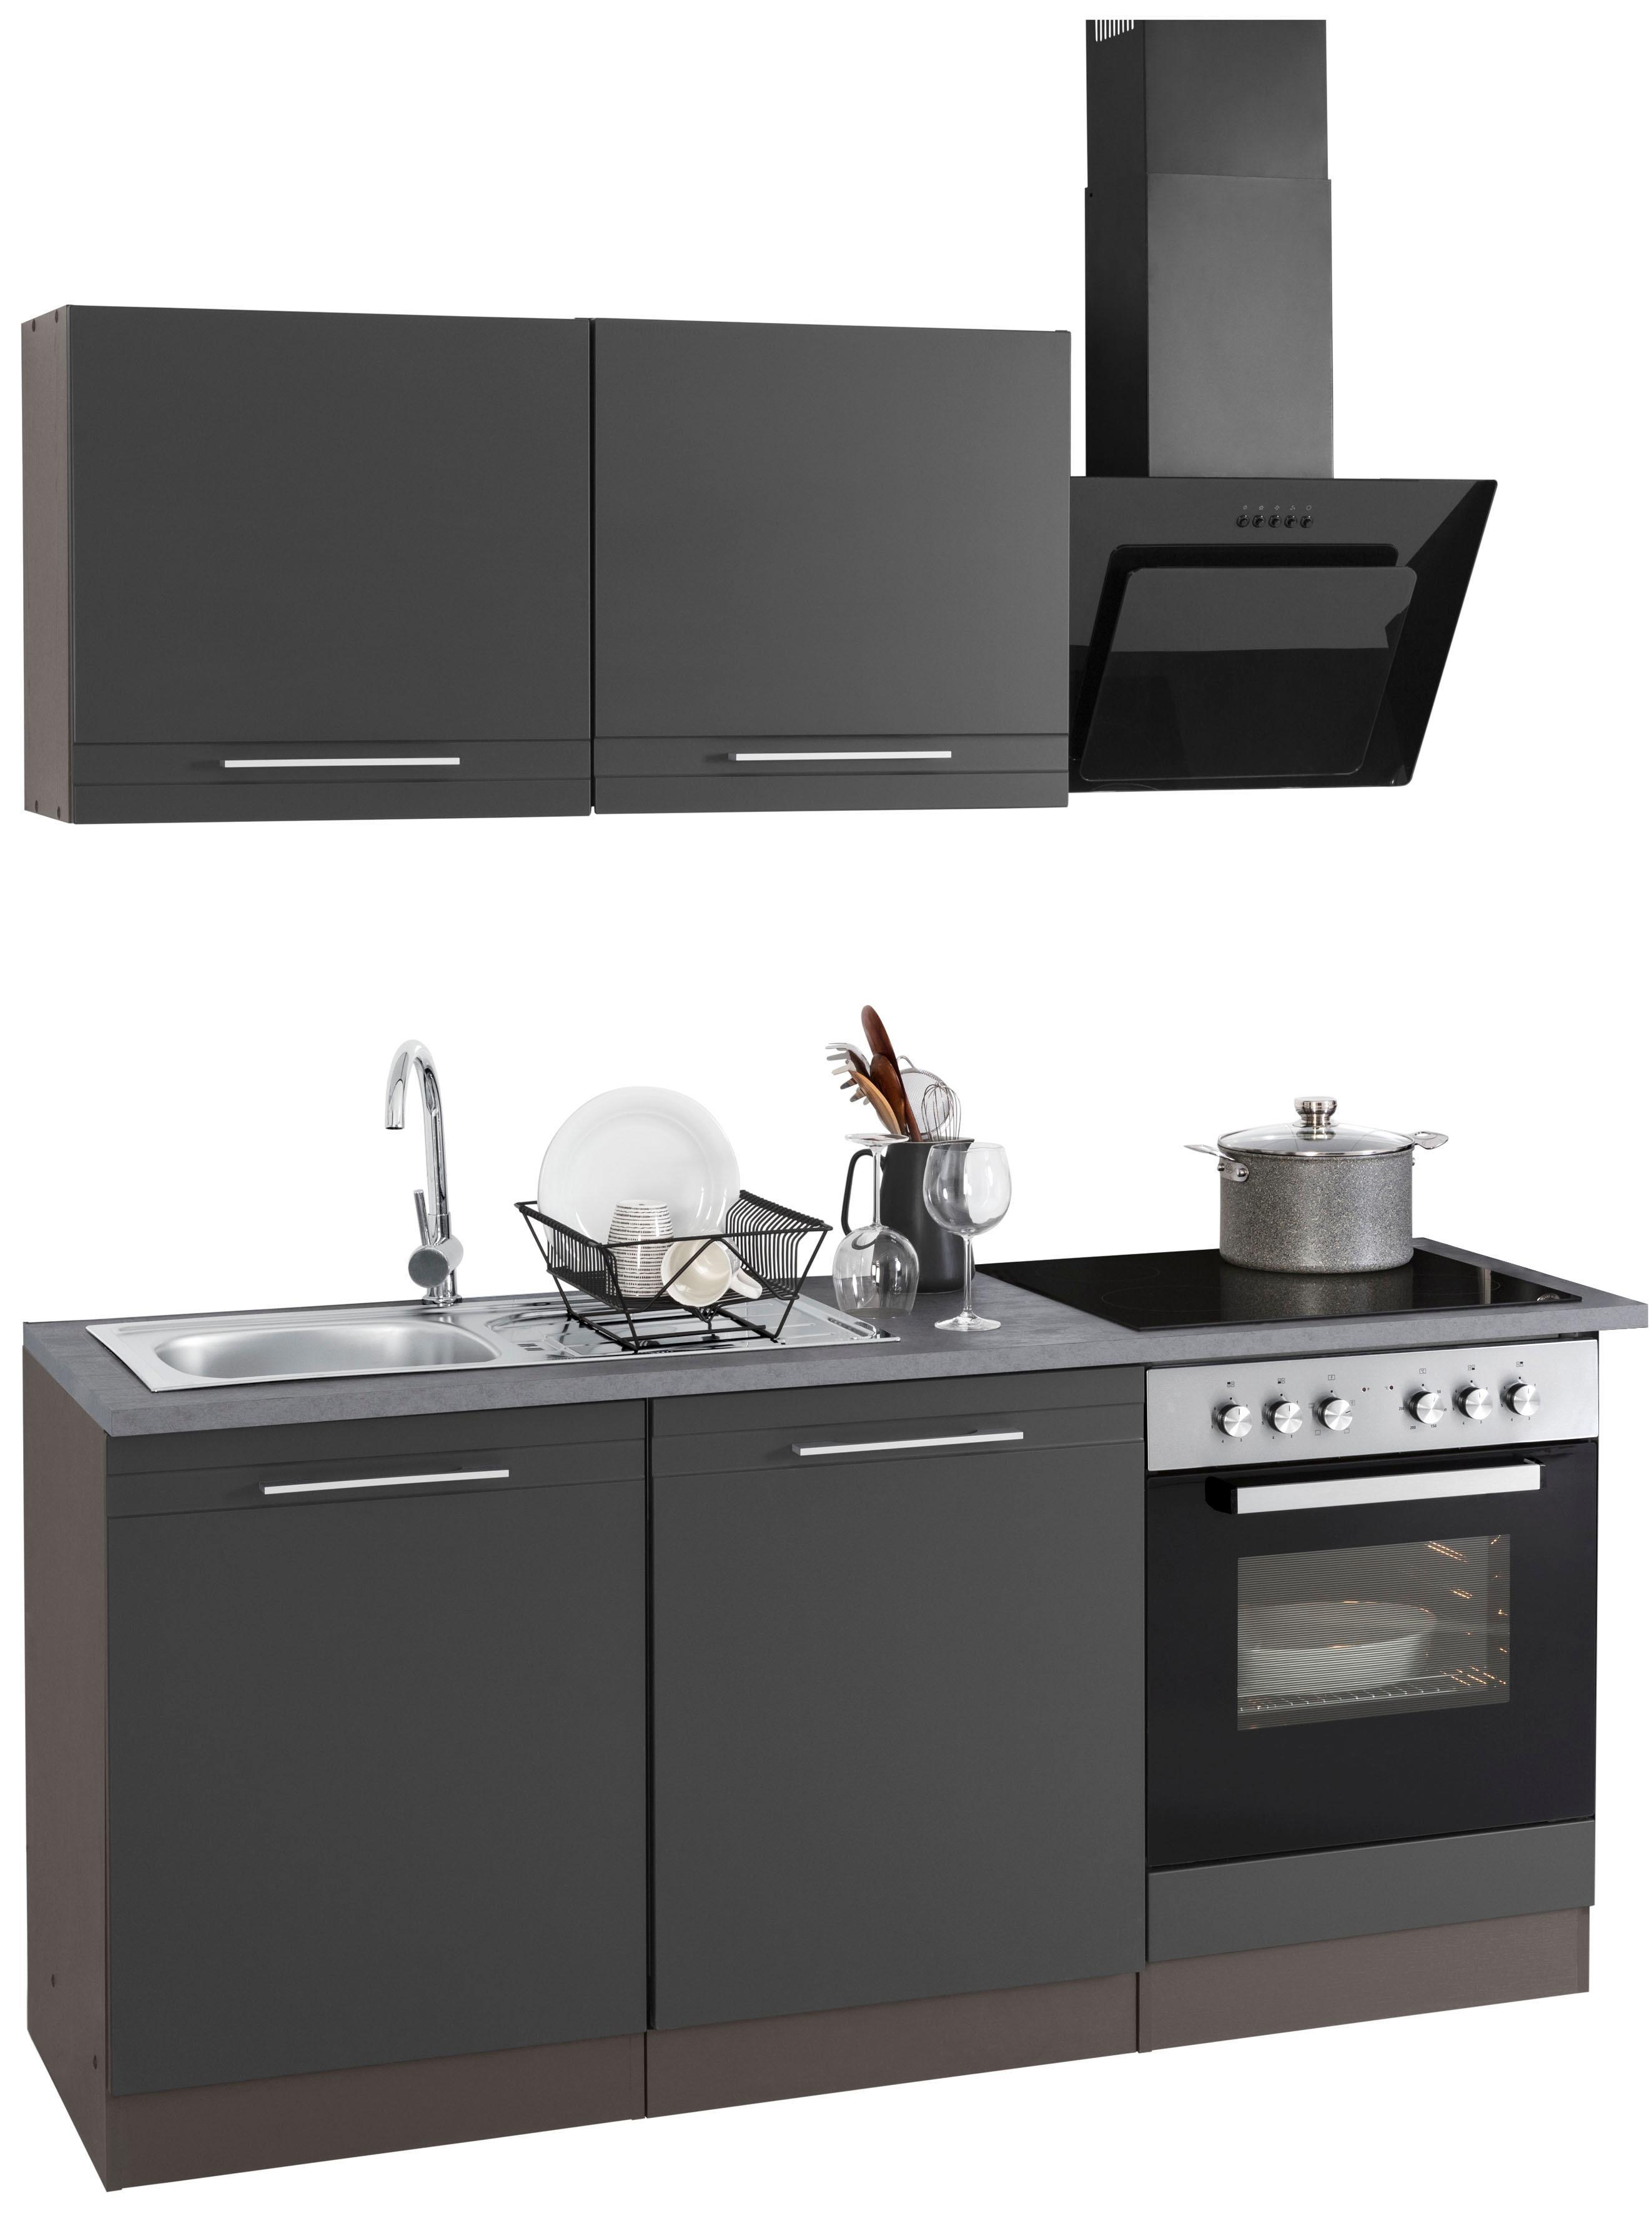 Bildquelle: HELD MÖBEL Küchenzeile »Mito«, Mit E Geräten, Breite 180 Cm